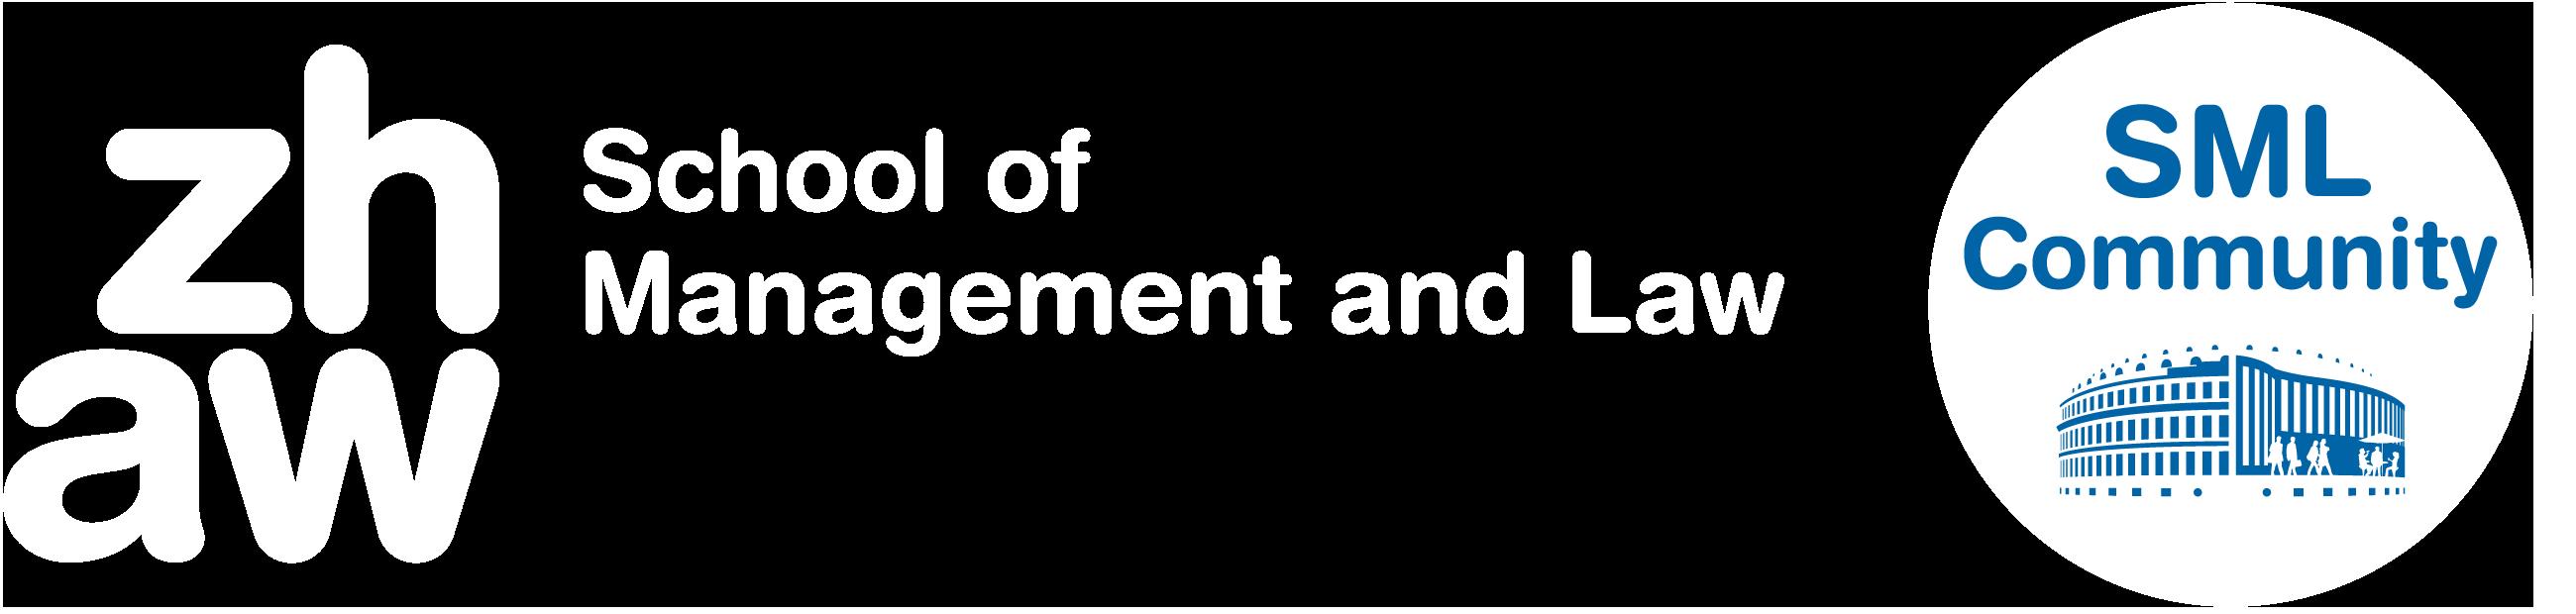 SML Community logo